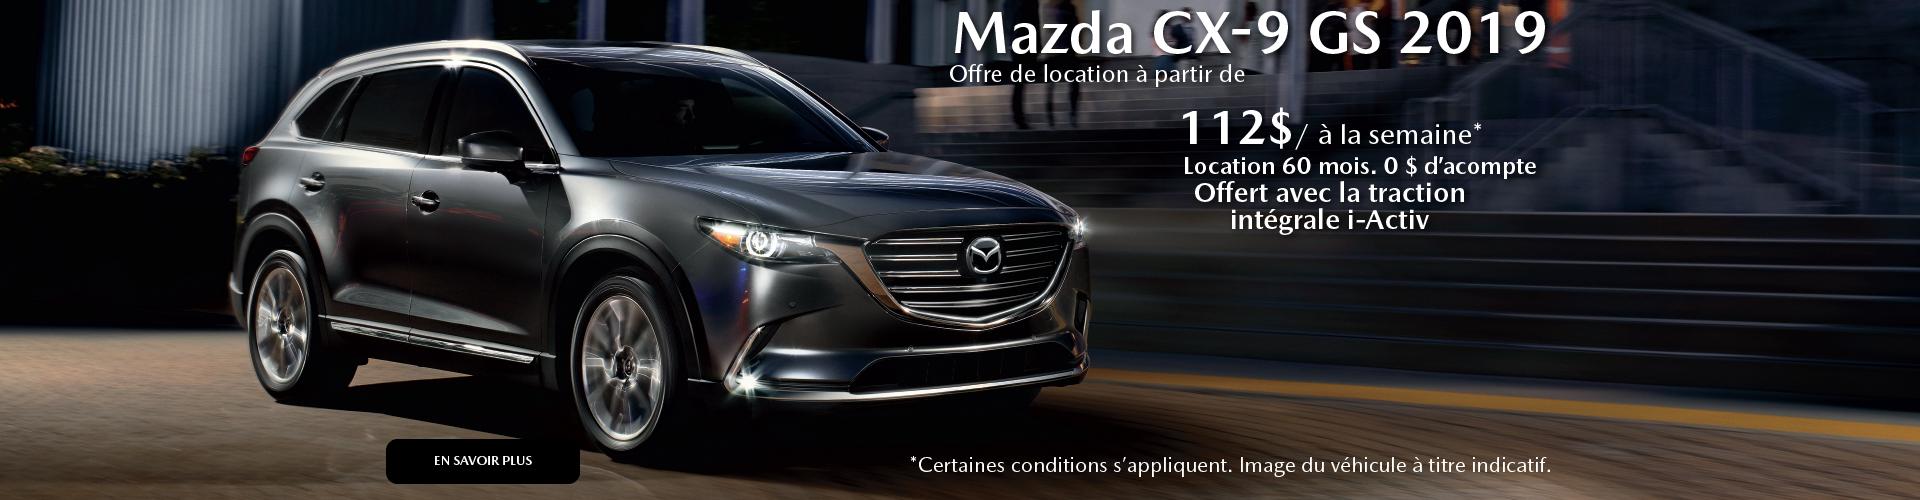 2019 Mazda CX-9 FR